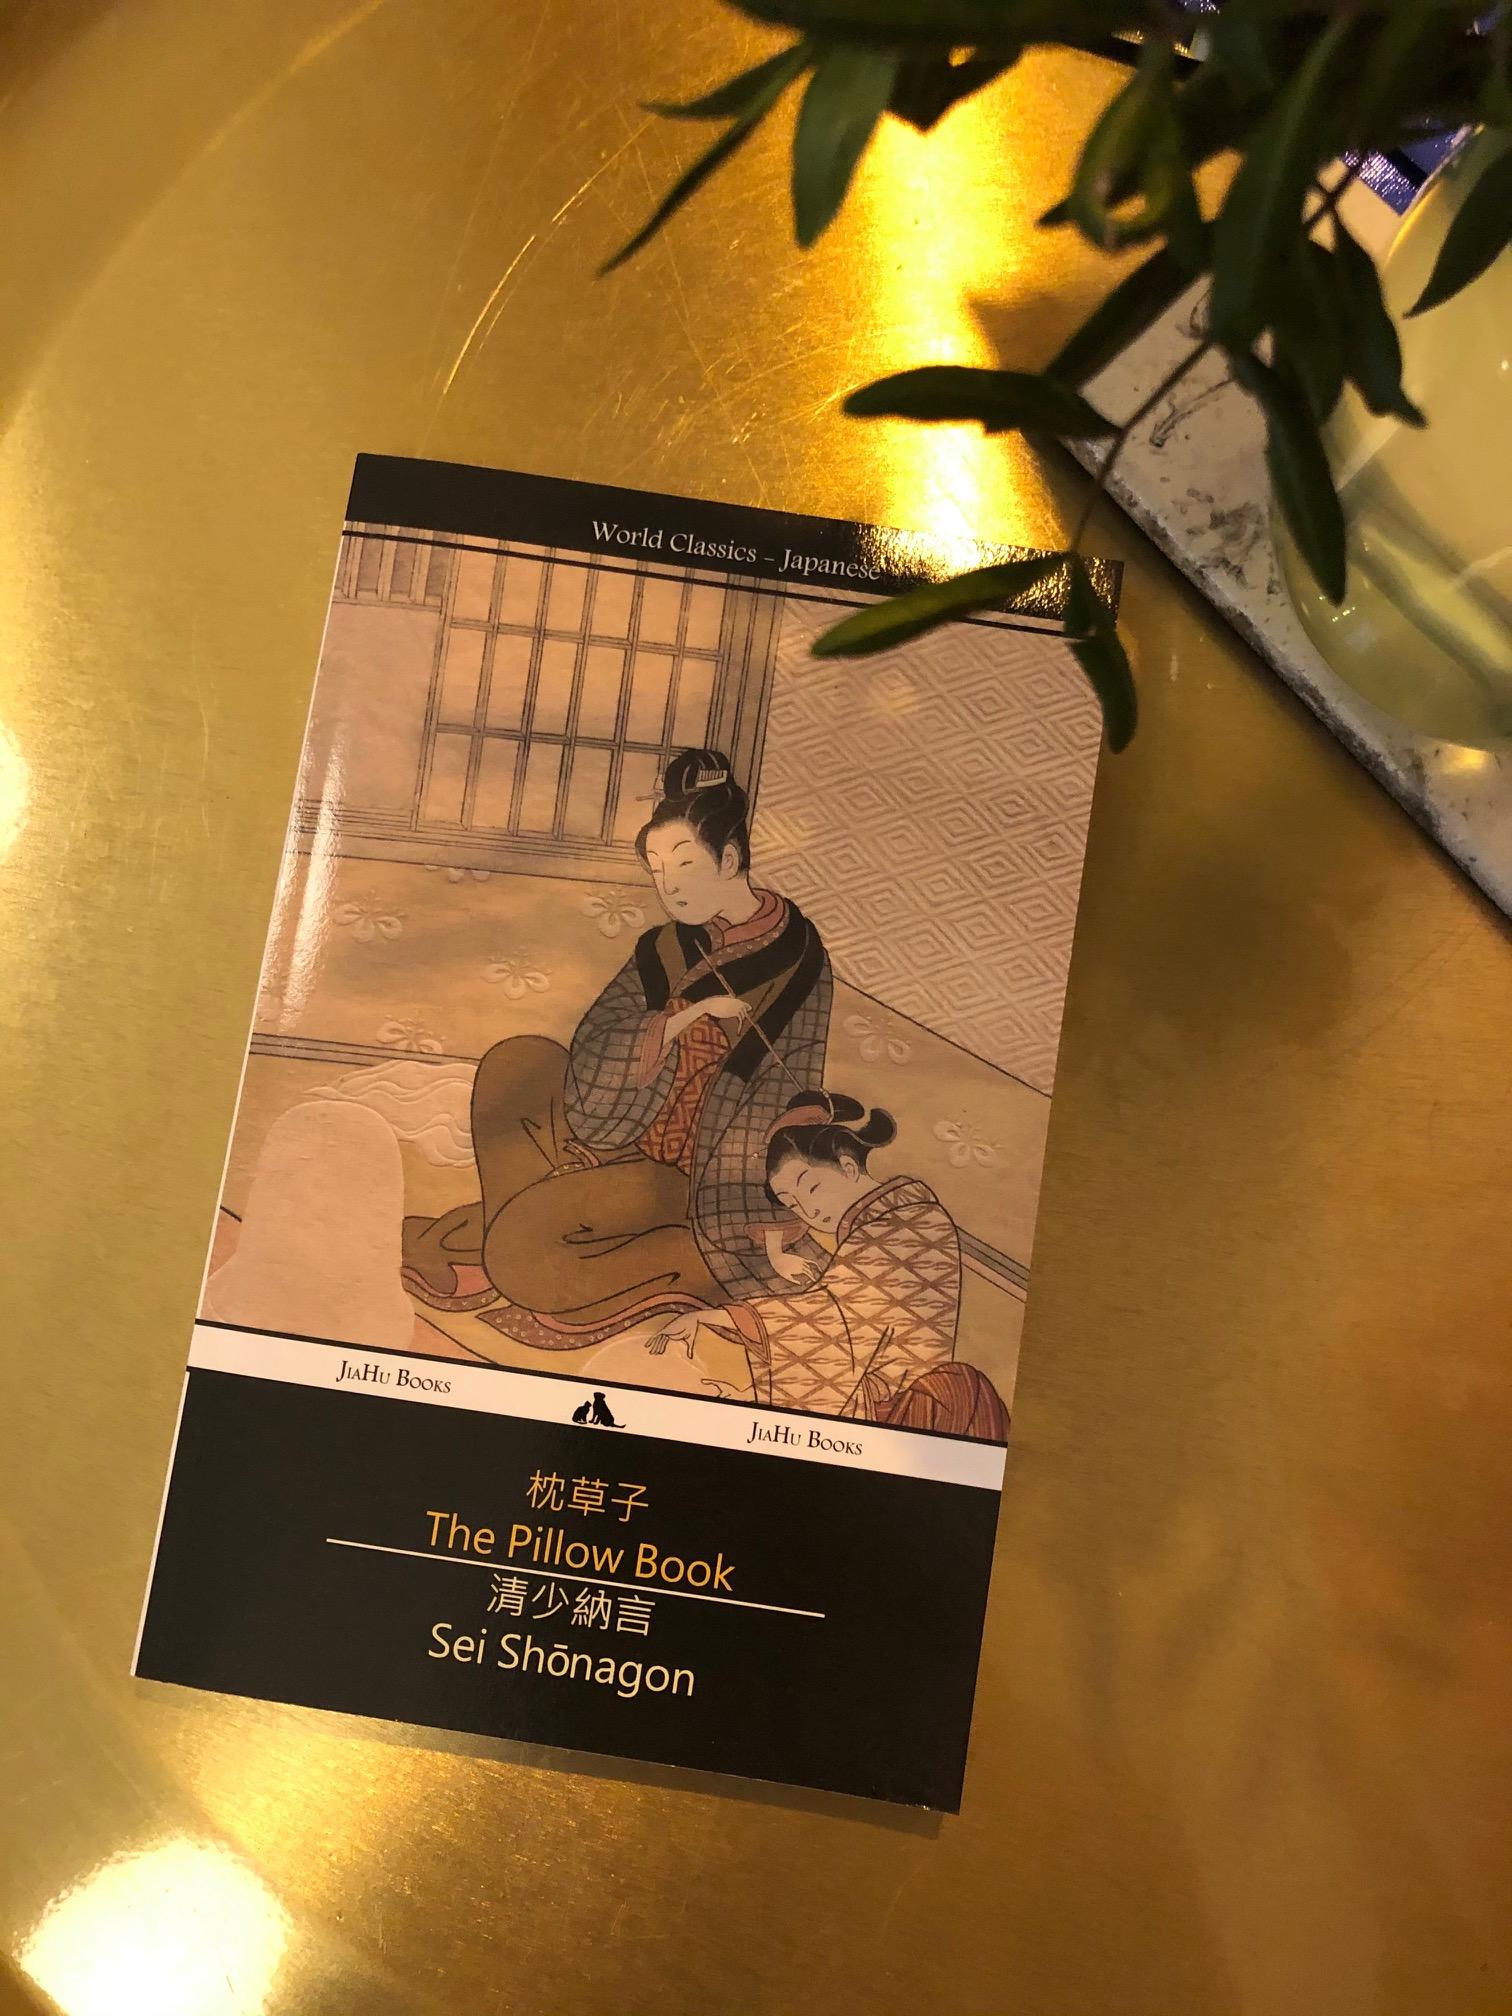 Sei Shonagon — The Pillow Book